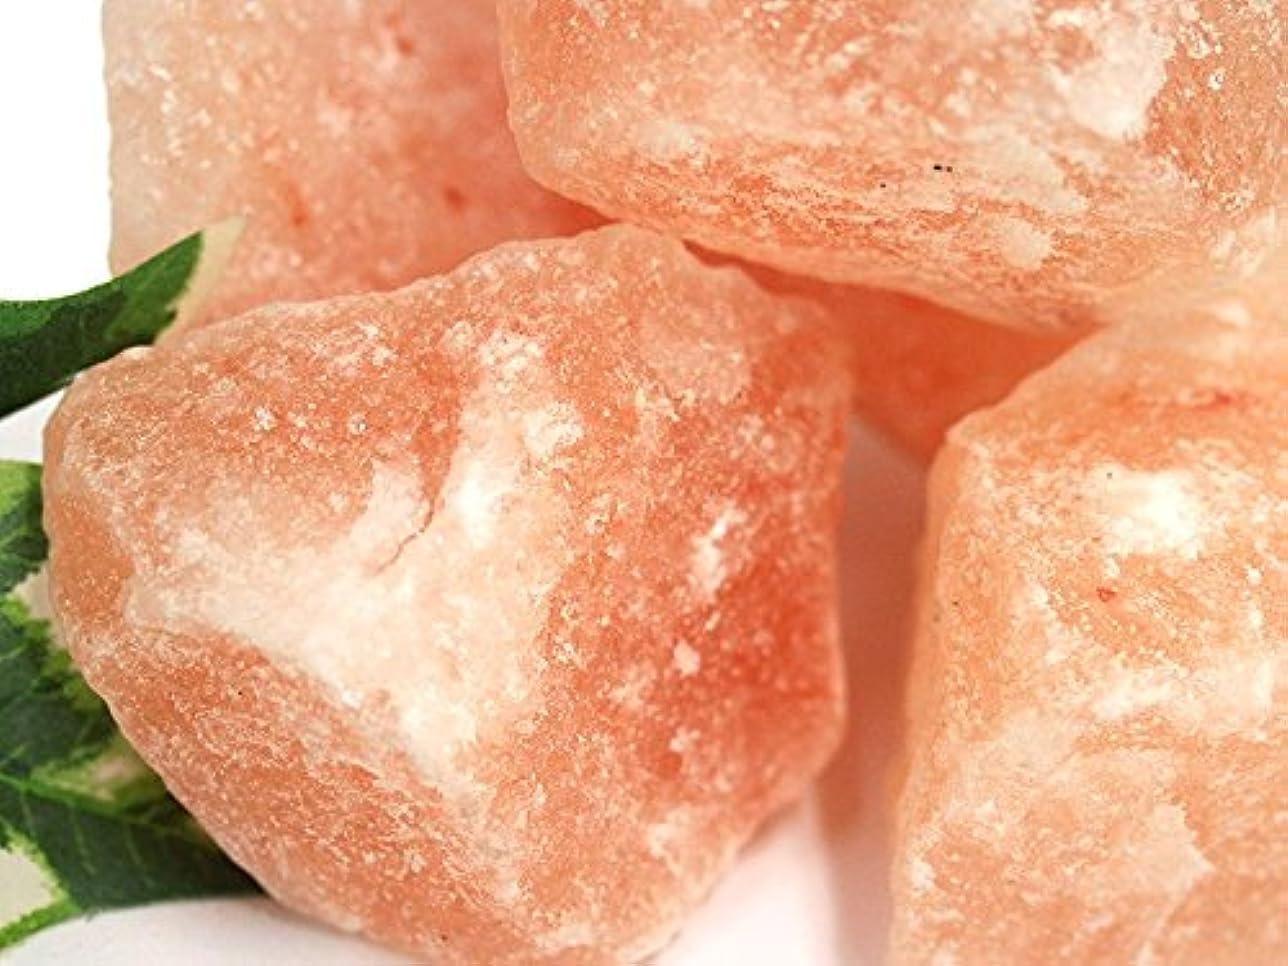 哲学的燃やす伴う【天然石の島田商事】ヒマラヤ産天然ピンク岩塩(pink salt)ラフ原石 約101~130g 1個/ac-02456